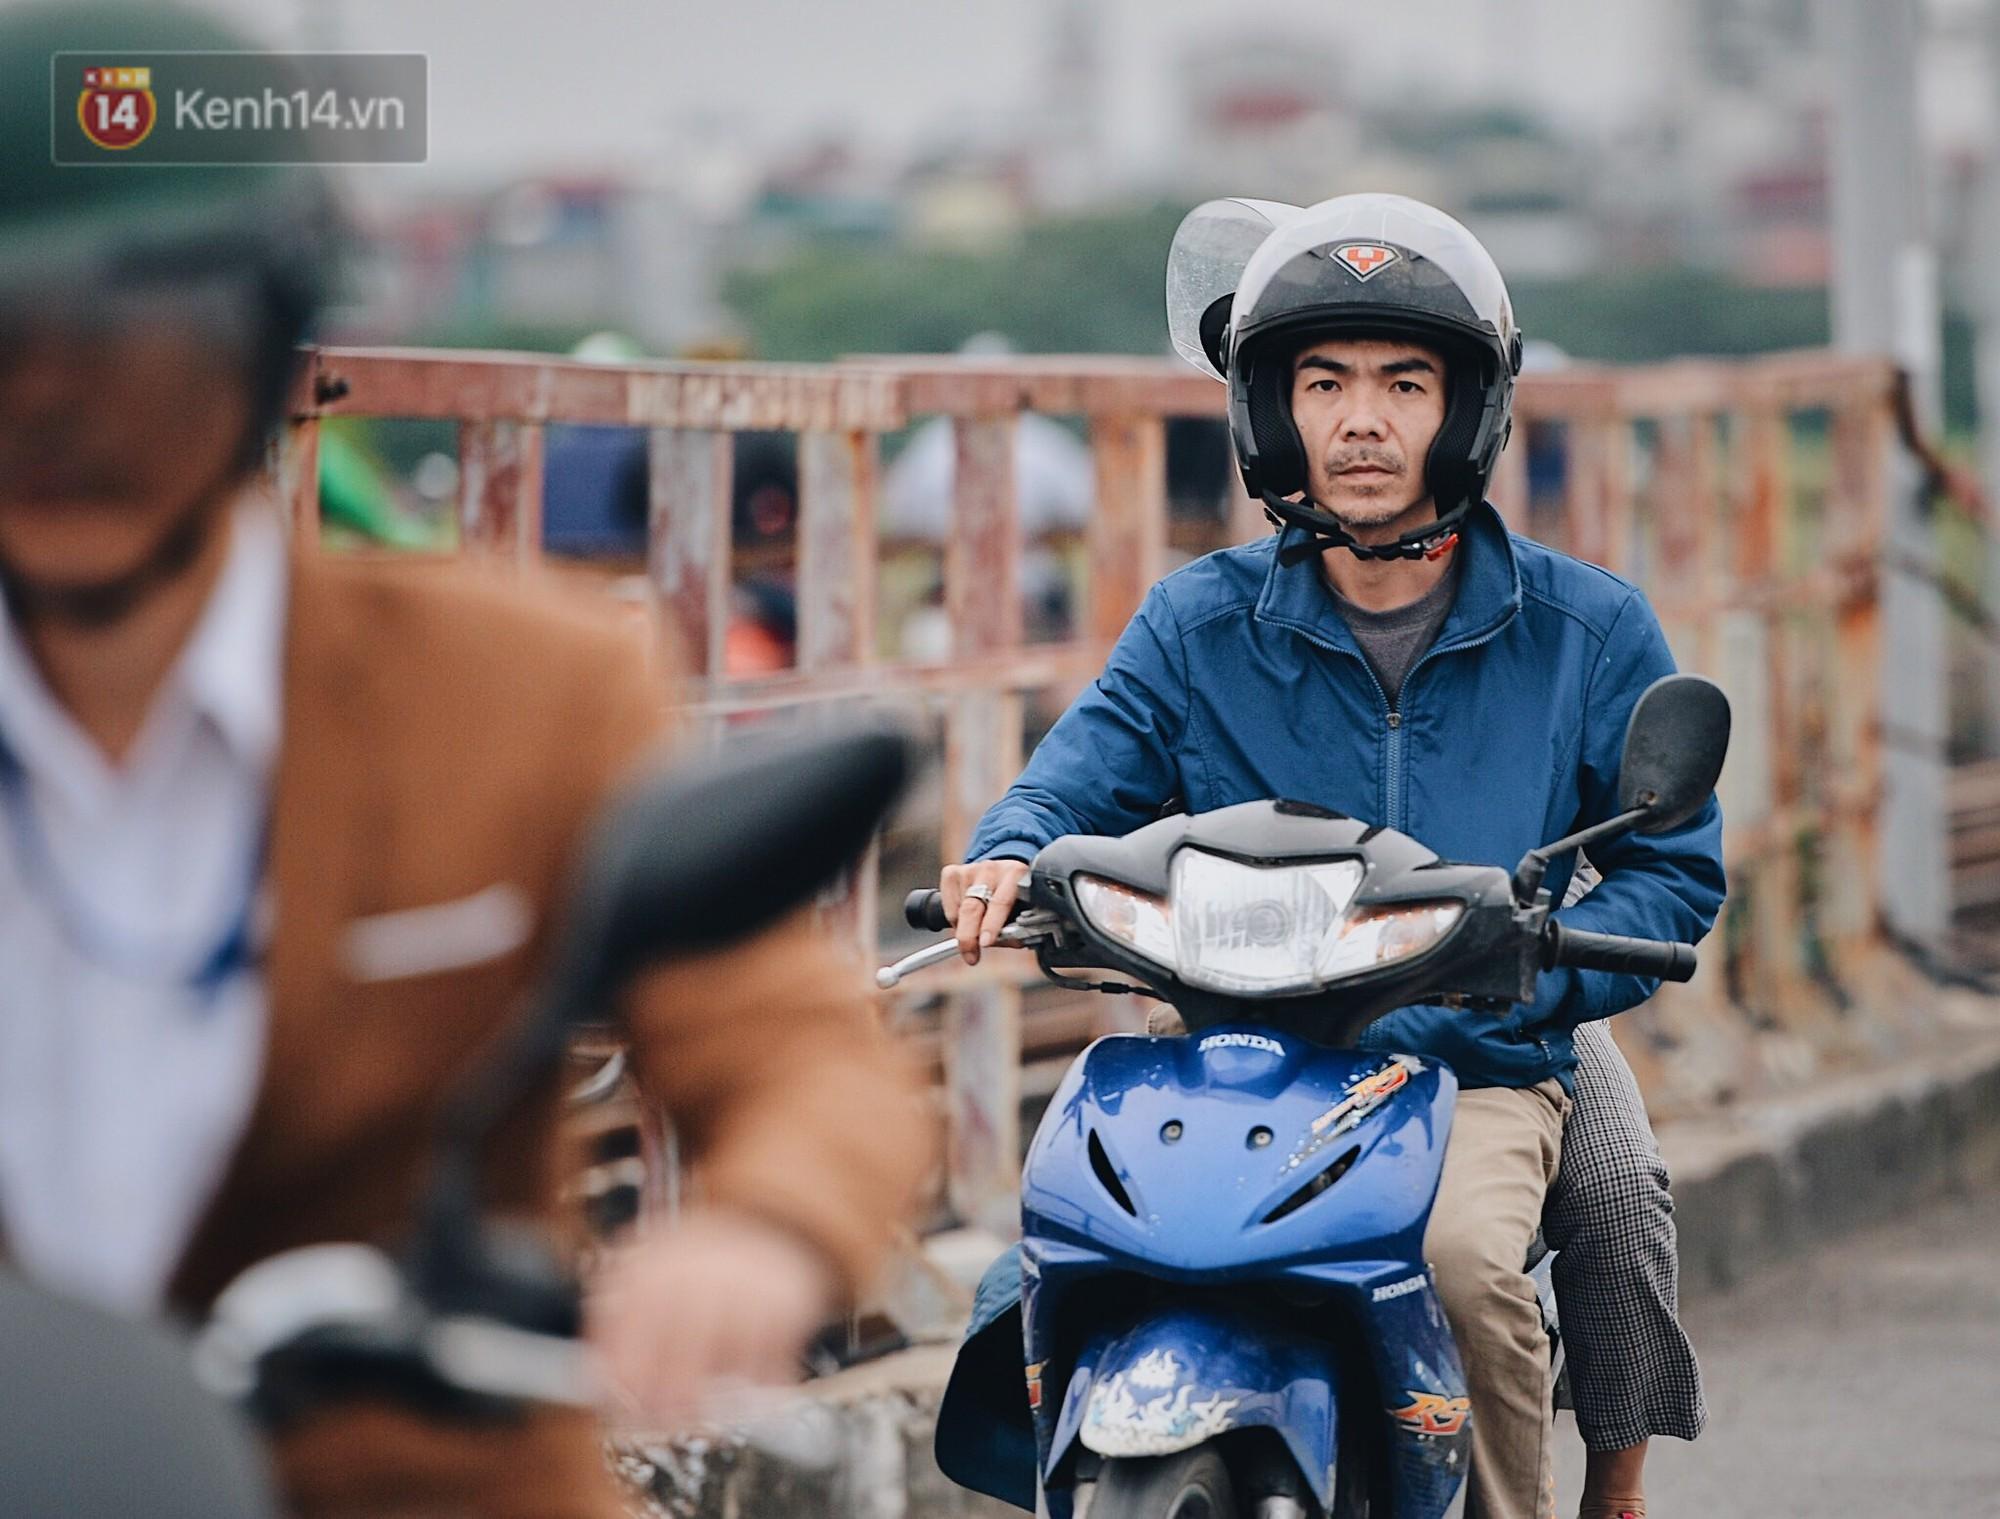 Ngày mùa đông chính thức chạm ngõ miền Bắc, người dân Hà Nội mặc áo ấm xuống phố - Ảnh 2.